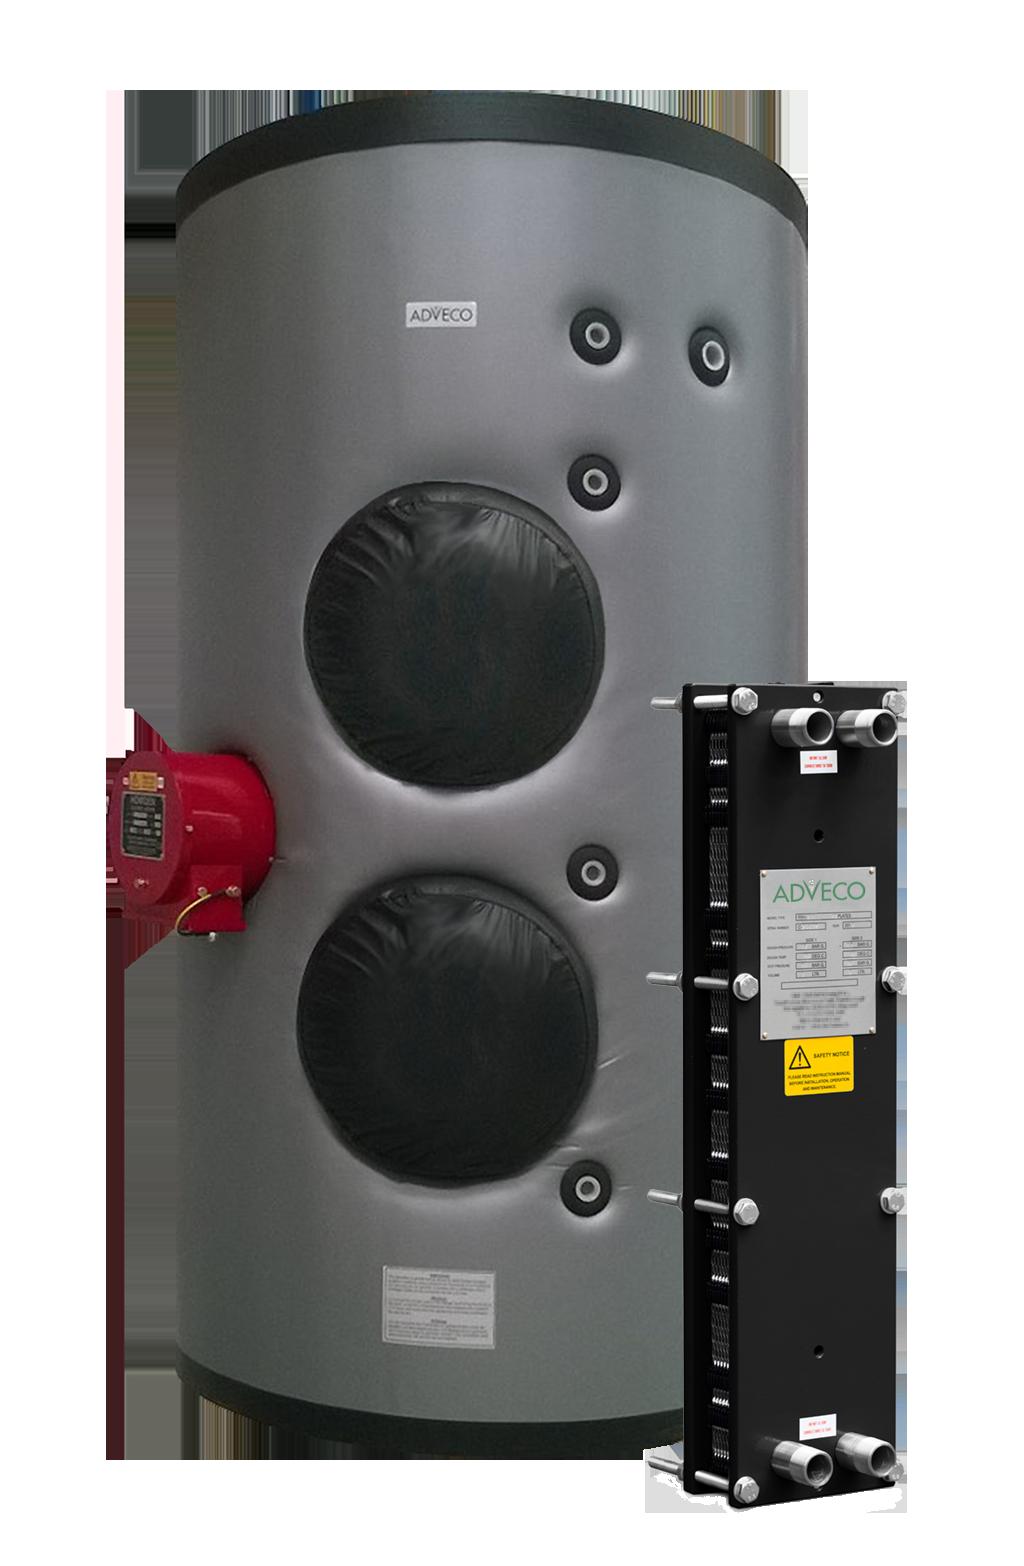 Adveco Heatex Packaged Plate Heat Exchanger